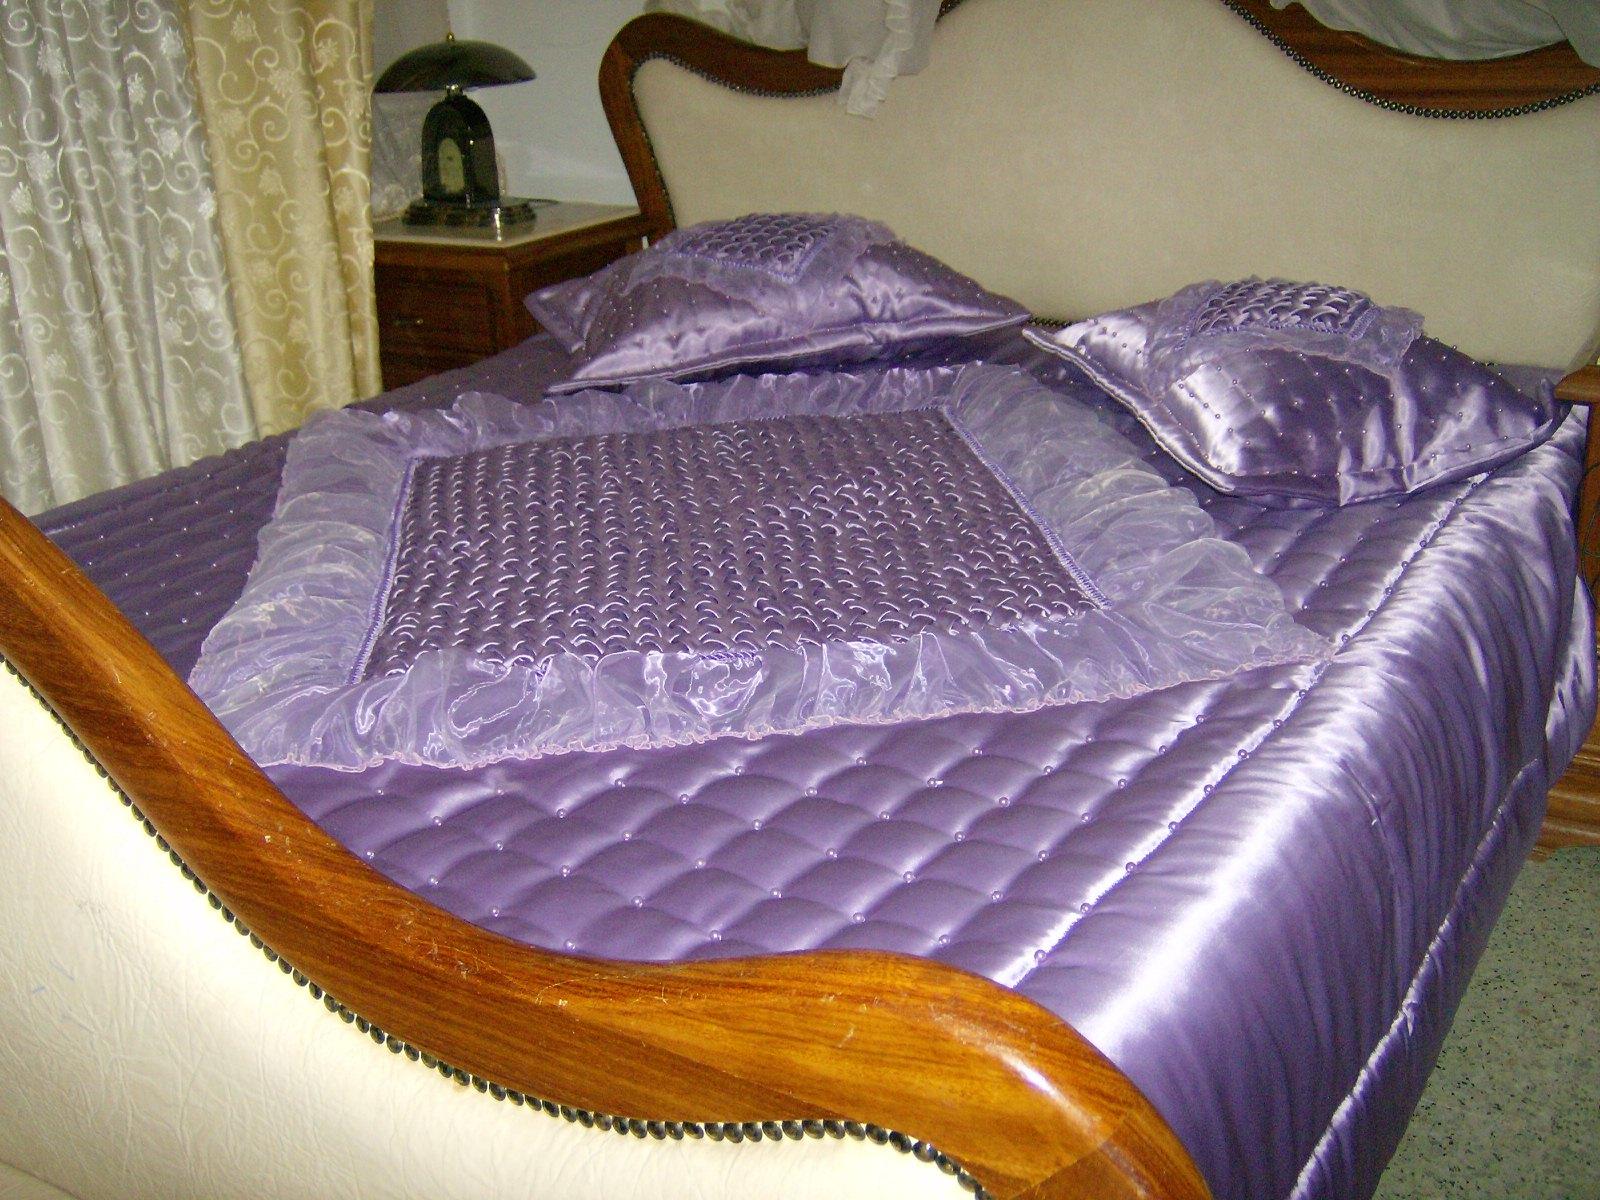 couvre lit violet violet1 jouda lagha cr ation de draps couettes coussins. Black Bedroom Furniture Sets. Home Design Ideas